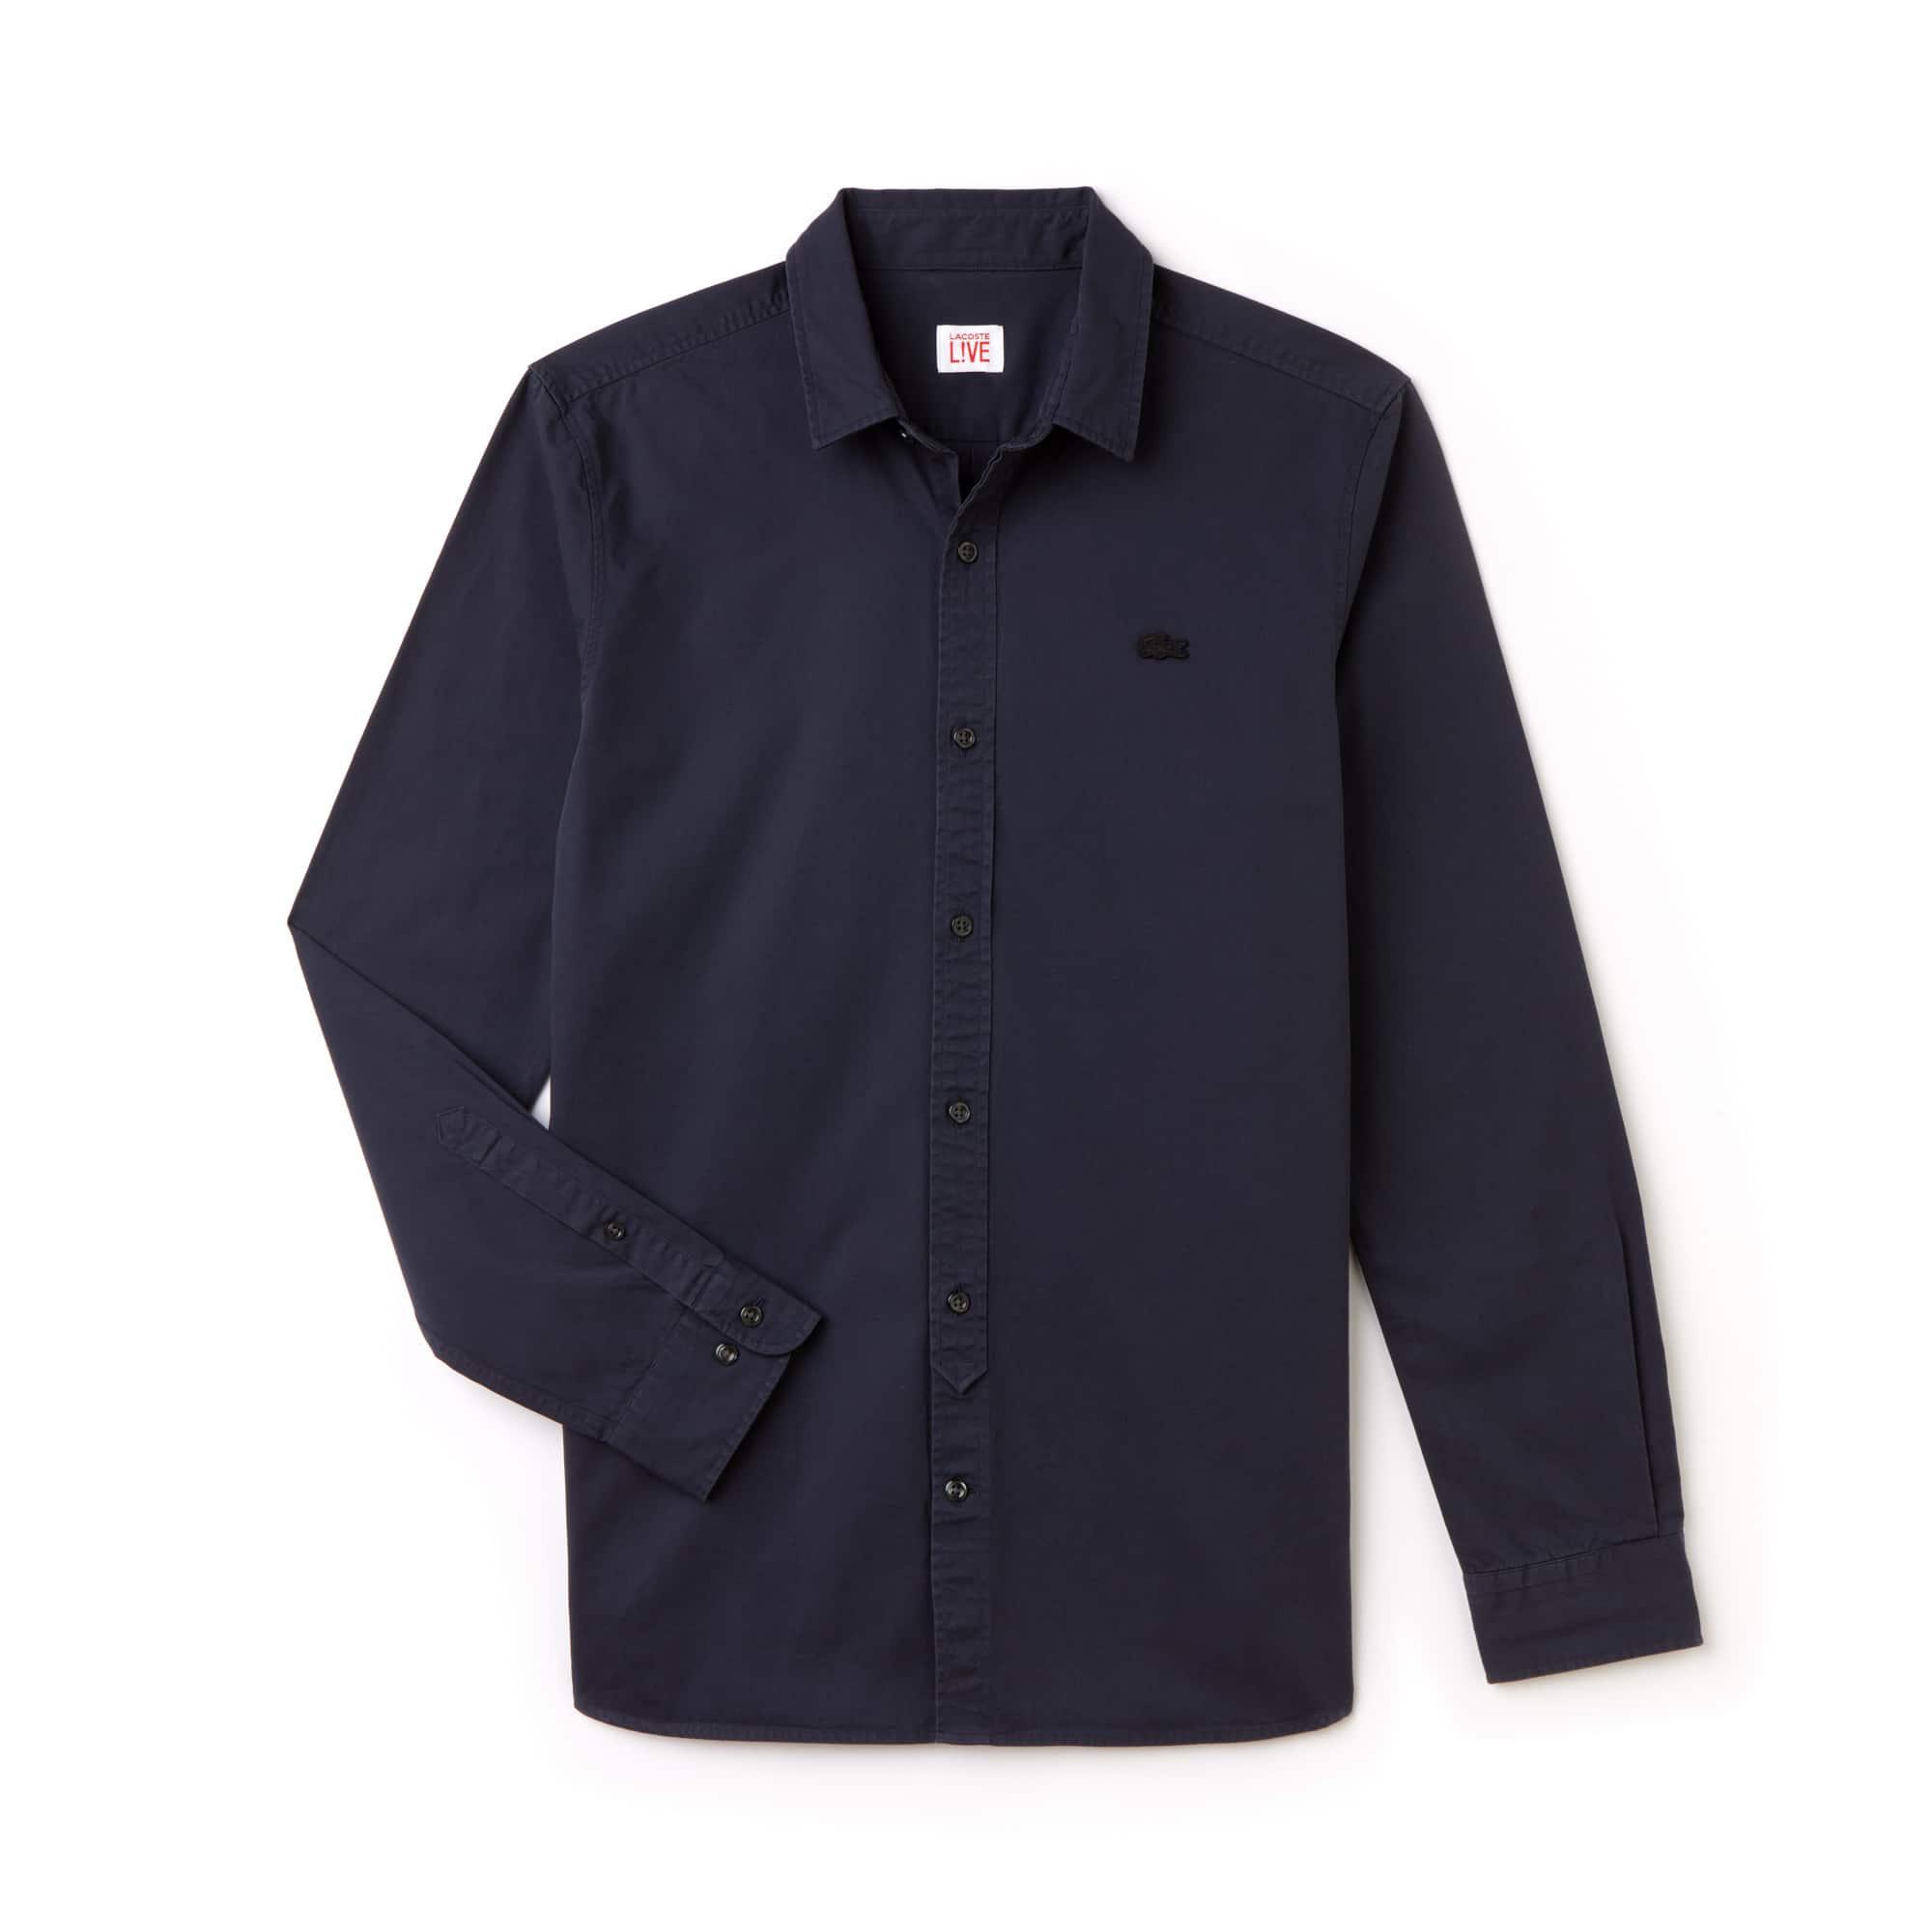 Camisa Skinny fit Lacoste LIVE em popelina de algodão unicolor